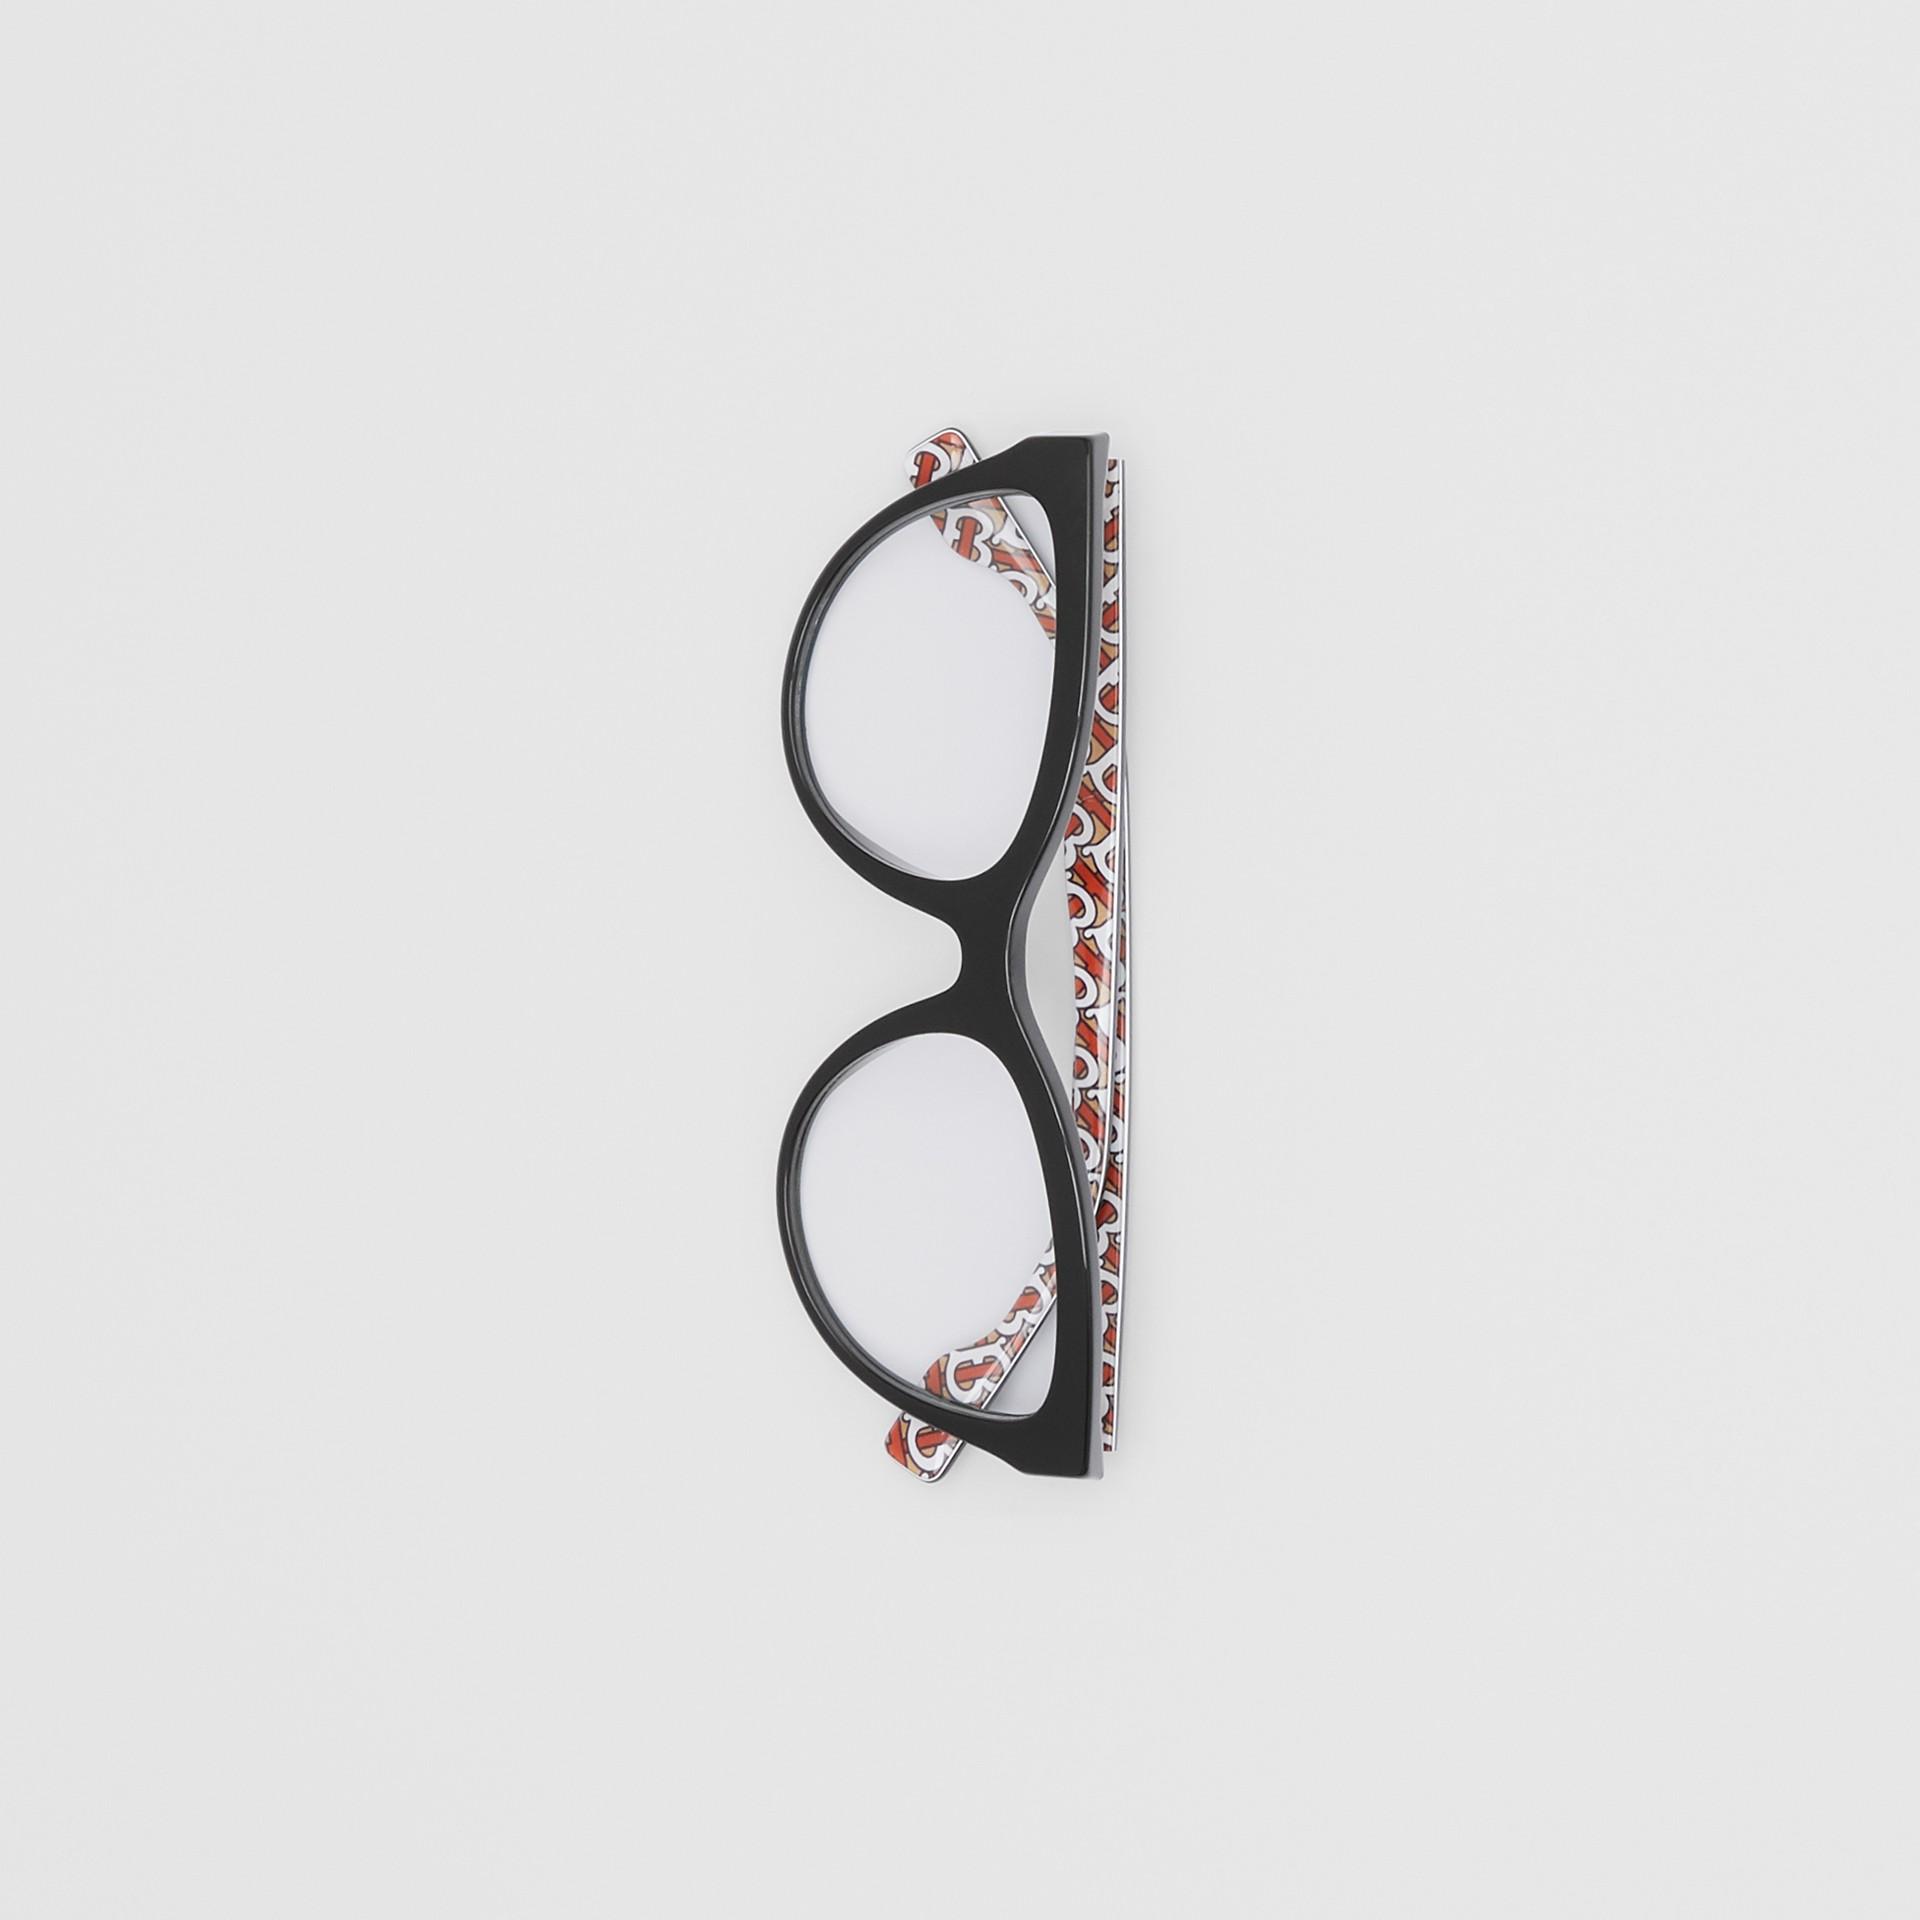 Monture œil-de-chat pour lunettes de vue Monogram (Noir/vermillon) - Femme | Burberry Canada - photo de la galerie 3